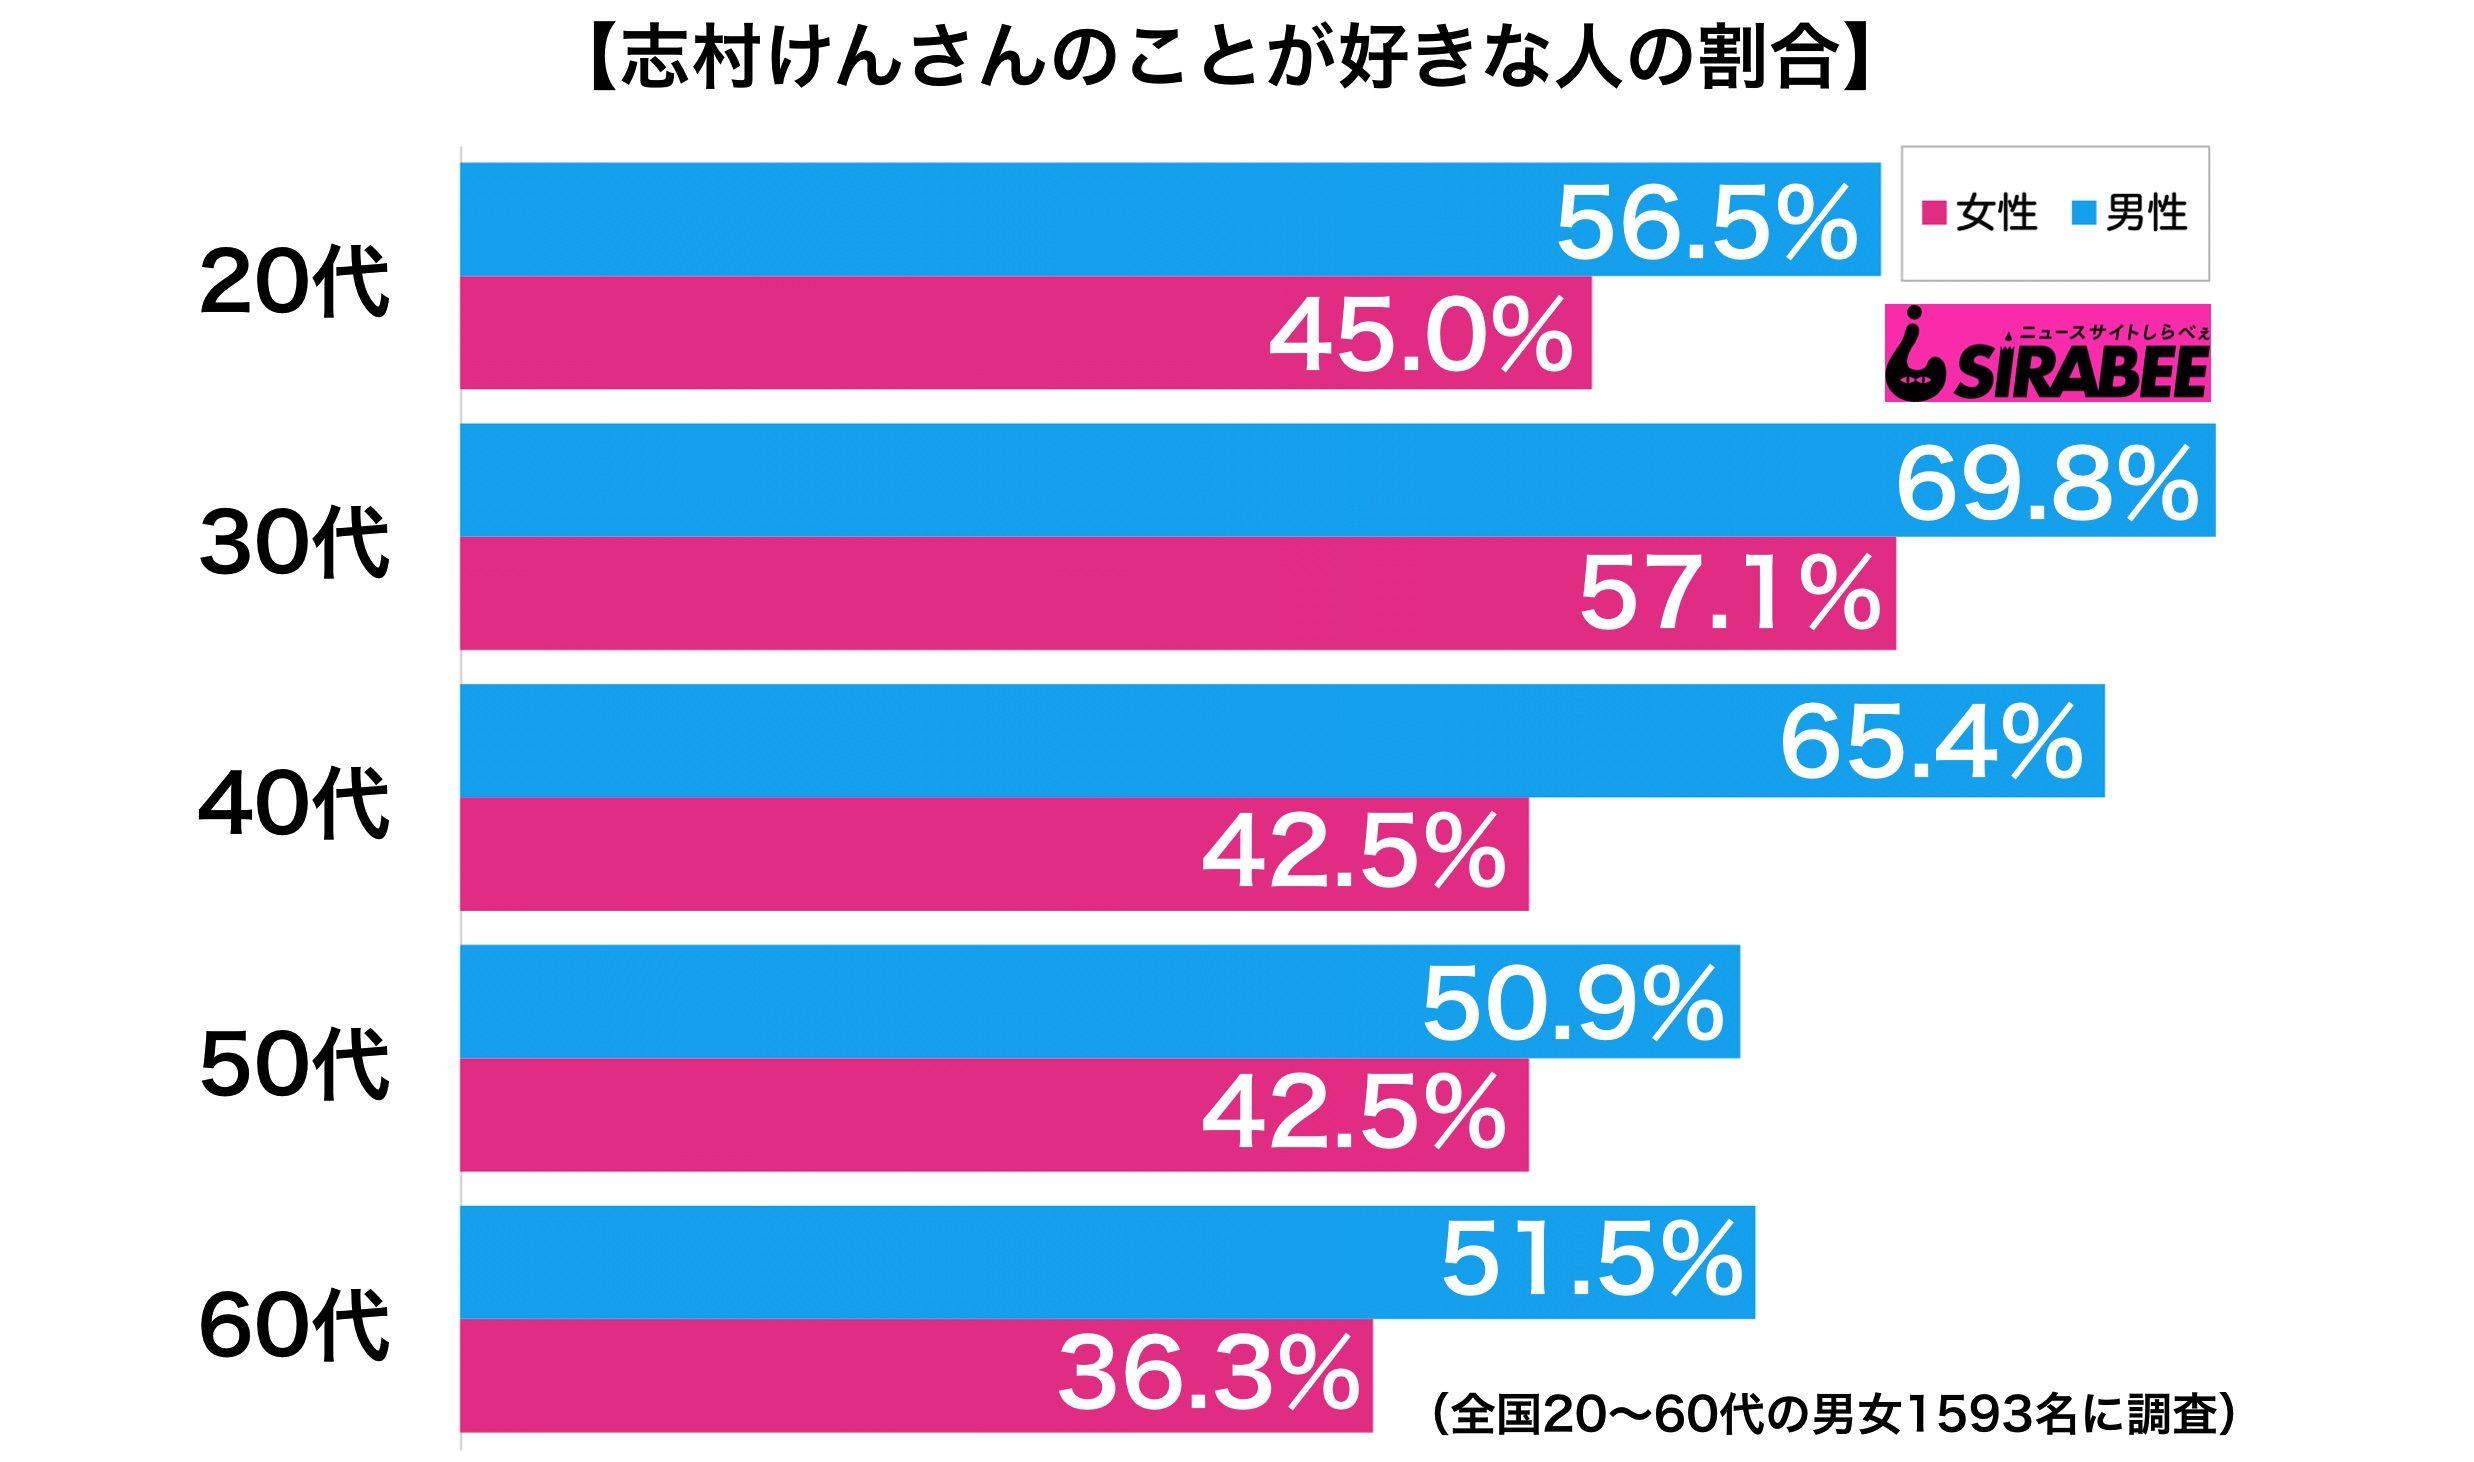 志村けんさんのことが好きな人の割合